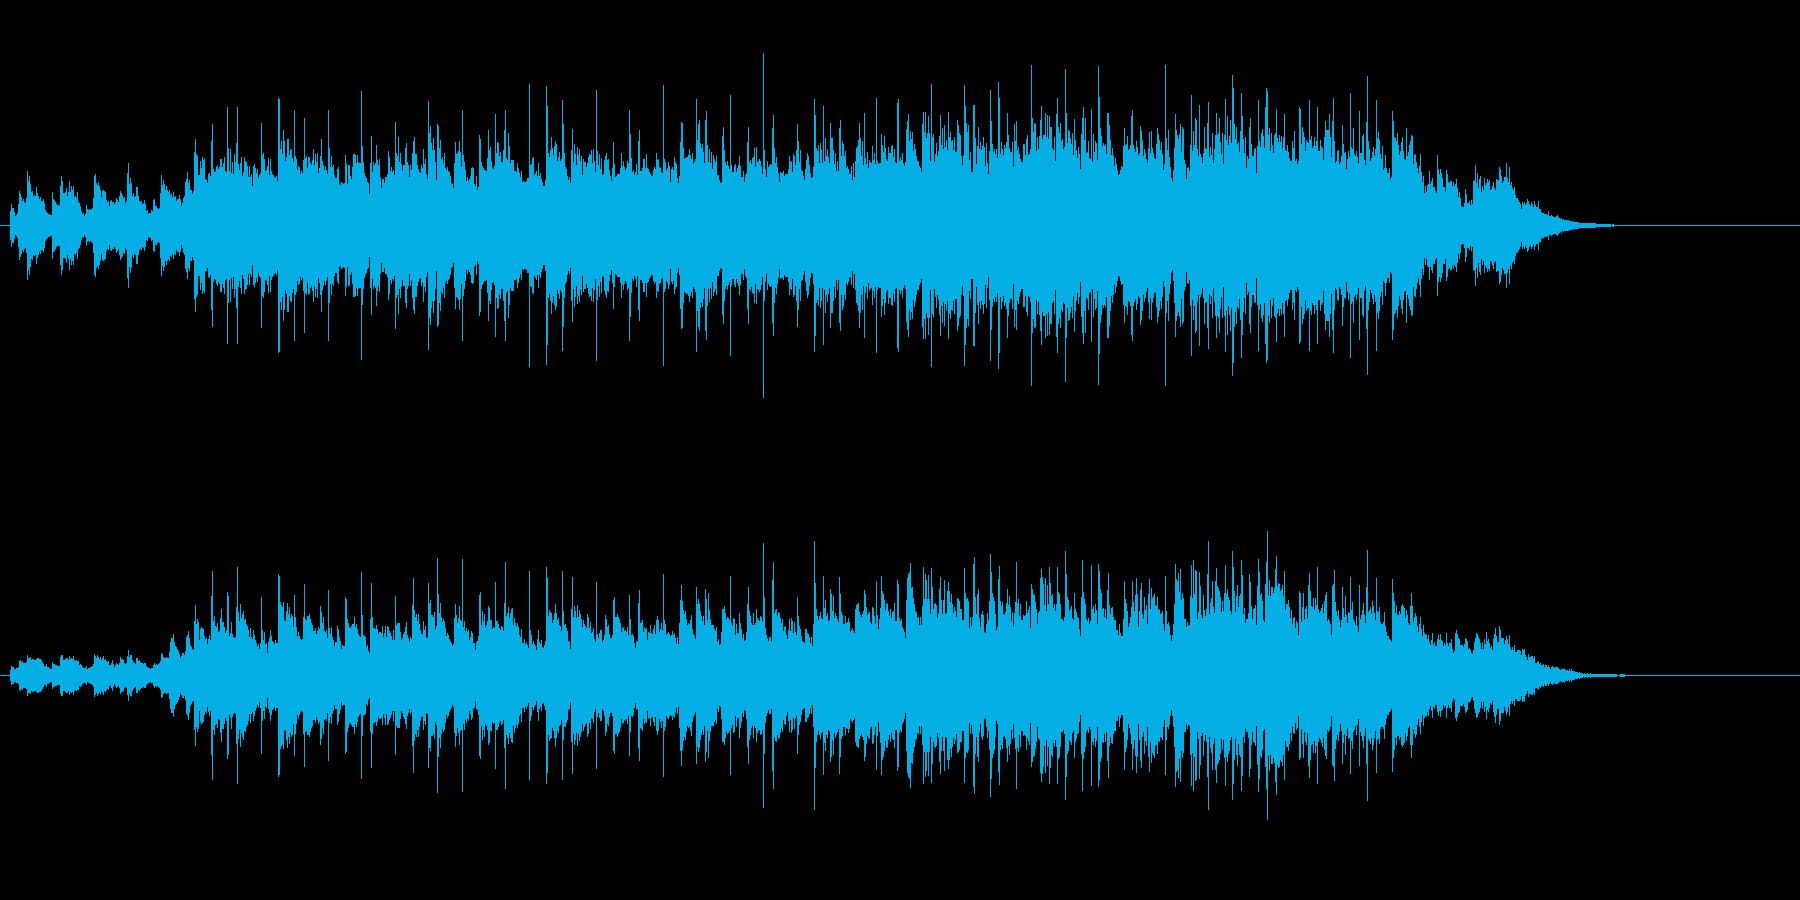 感傷的なメロディがしんみりのポップスの再生済みの波形